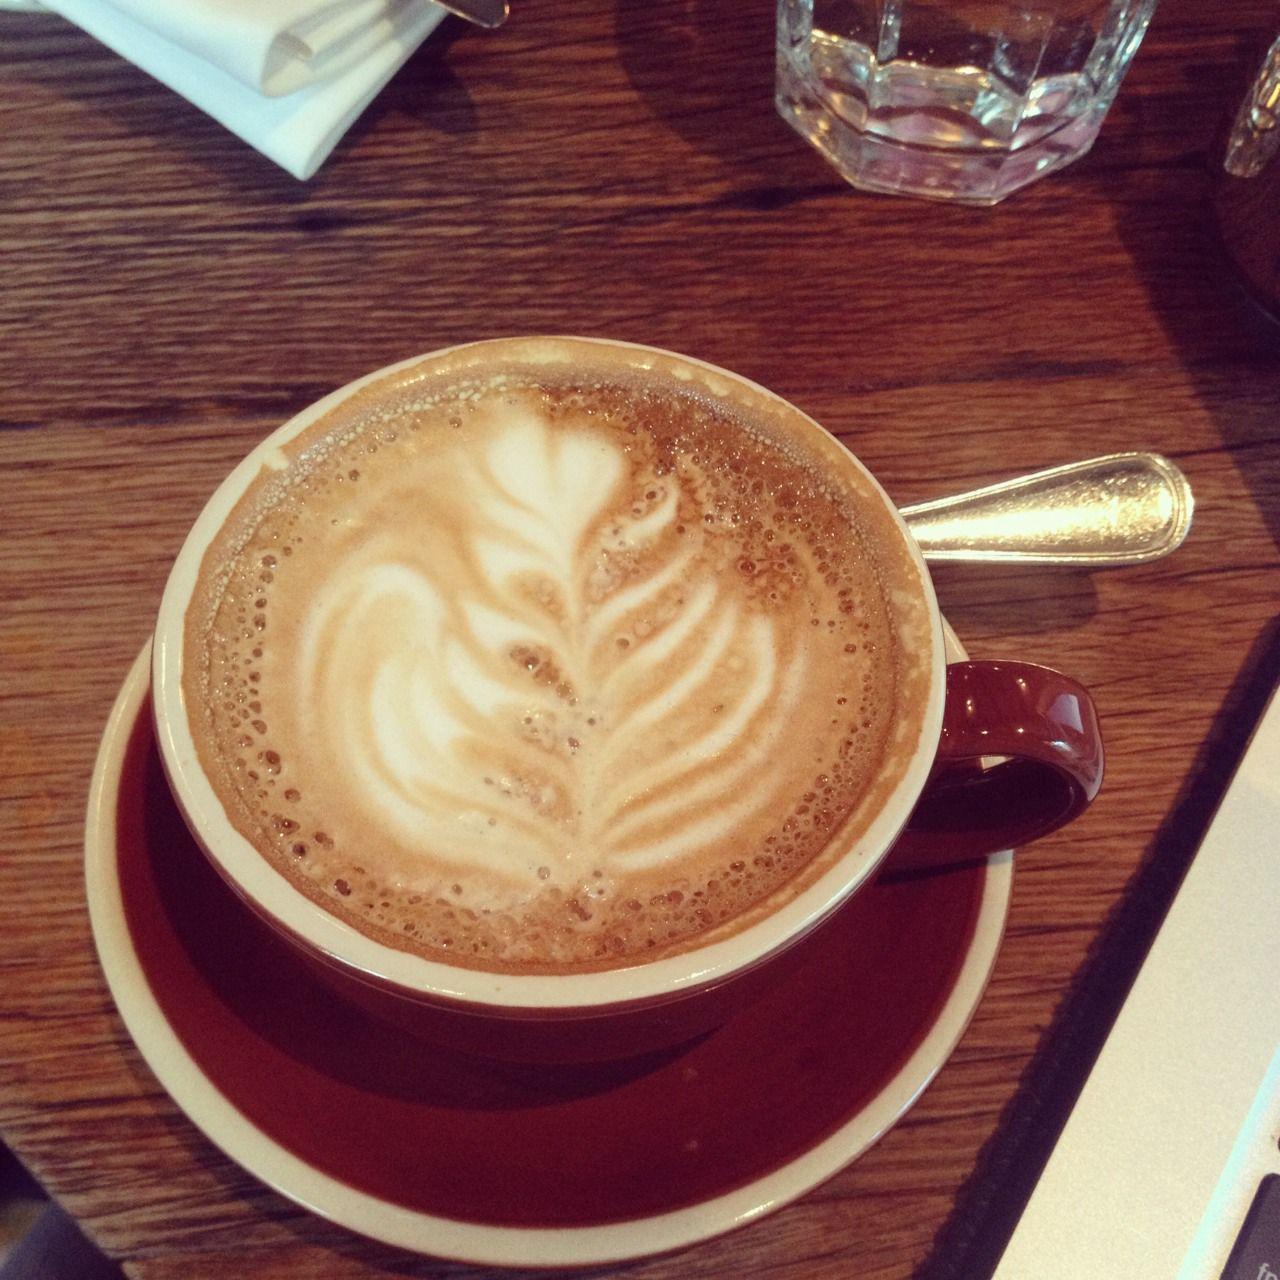 муку, пятница кофе фото агрегат